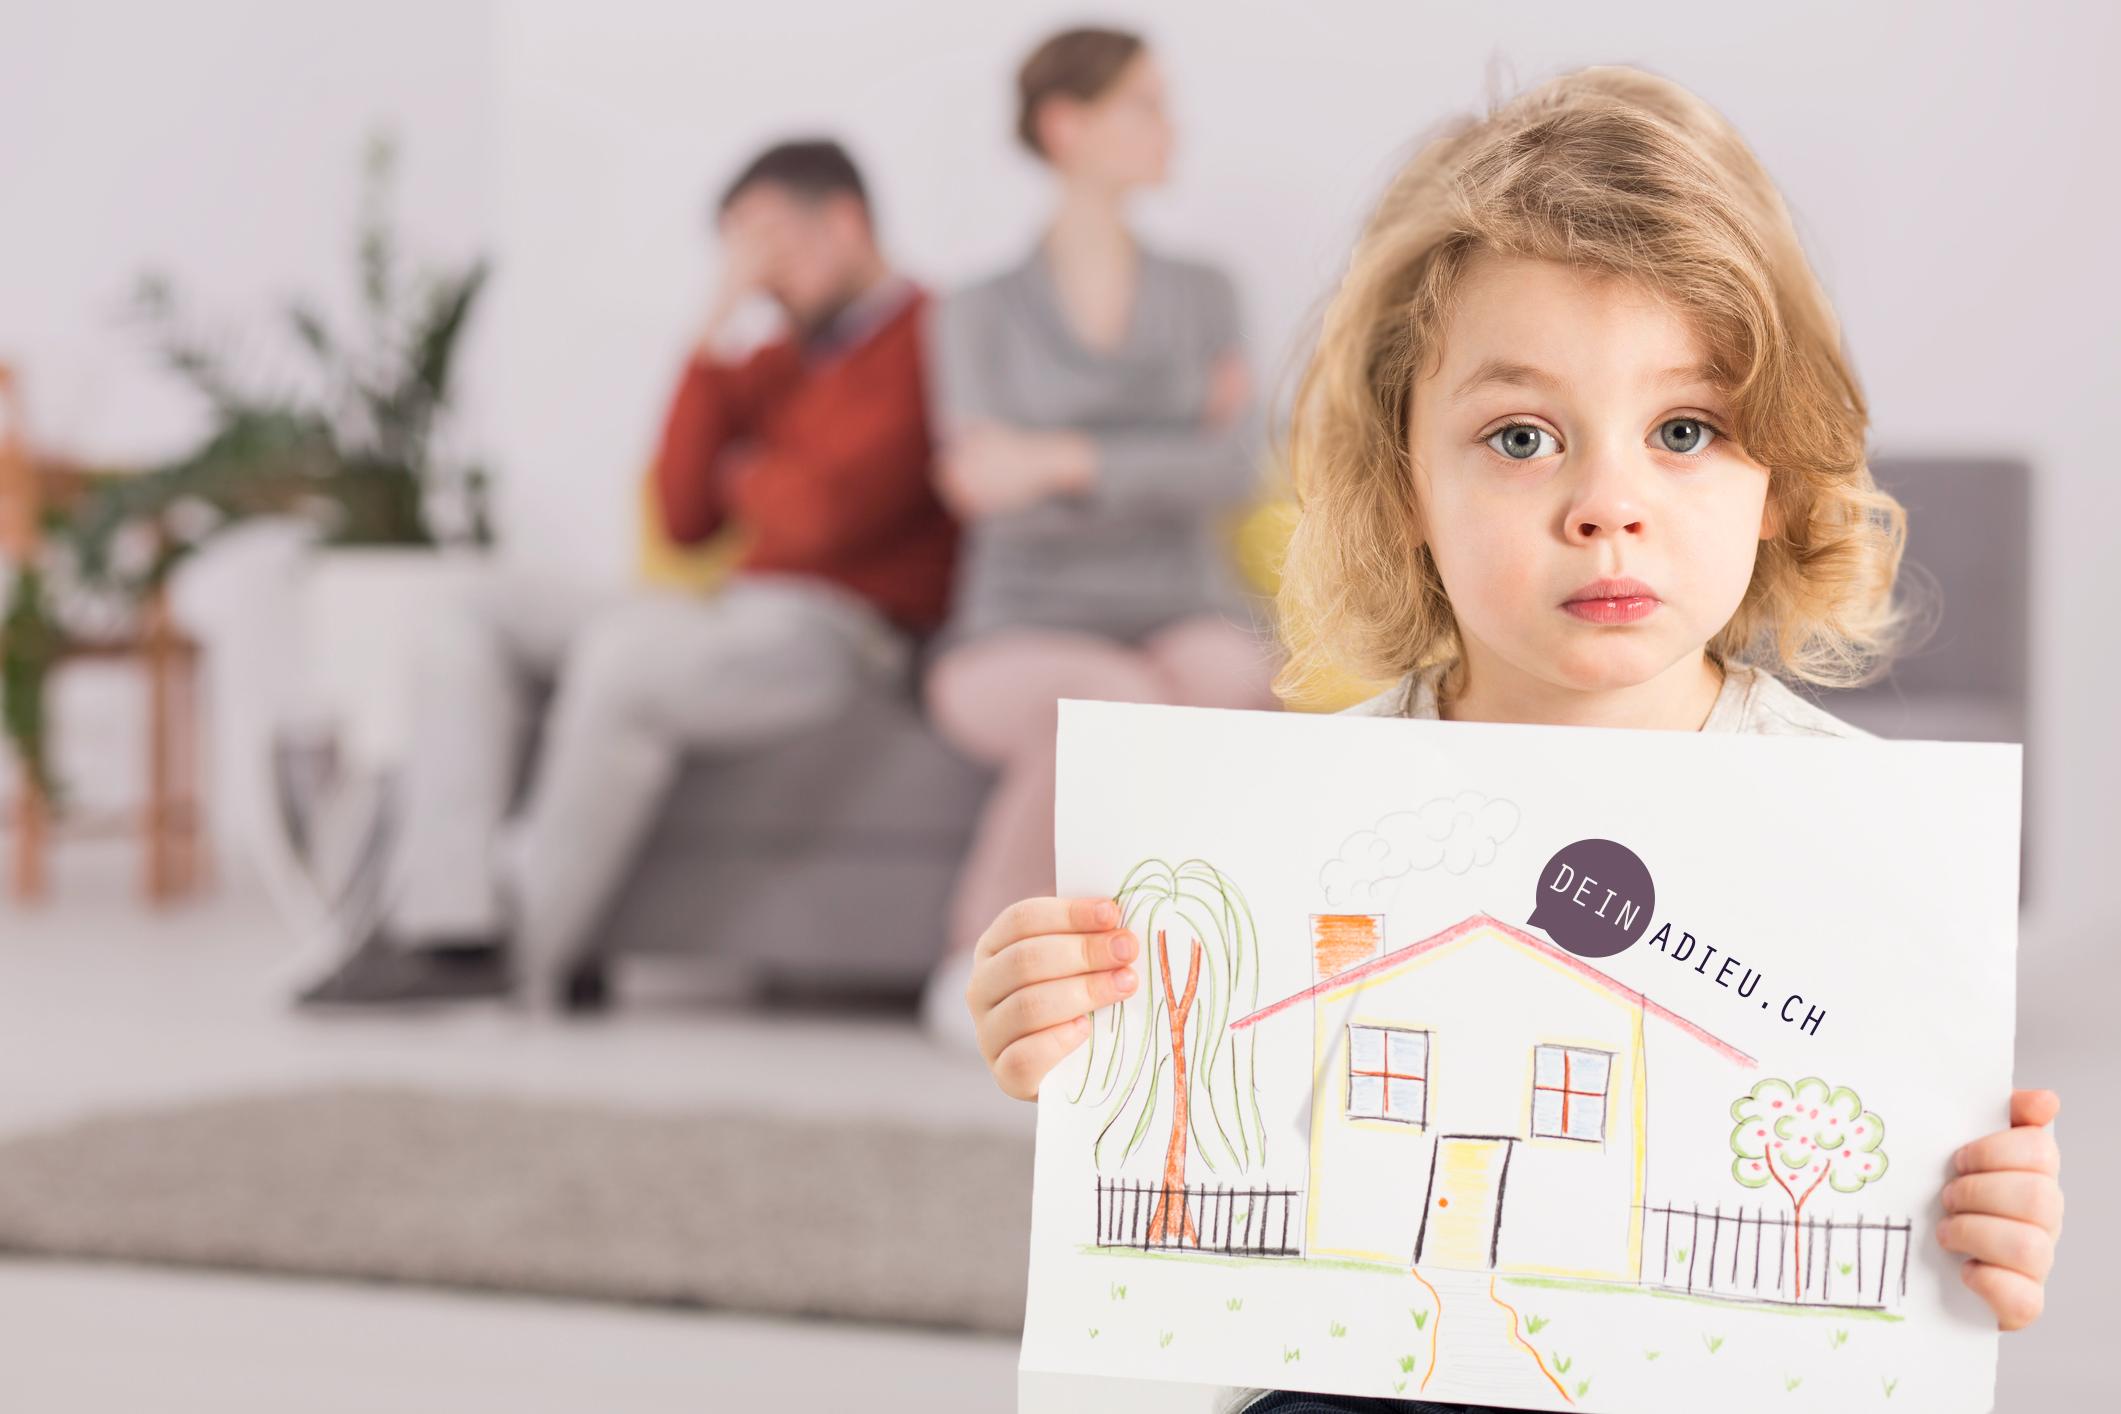 Eltern lassen sich scheiden. Mädchen sitzt traurig im Vordergrund und zeigt ein Bild.